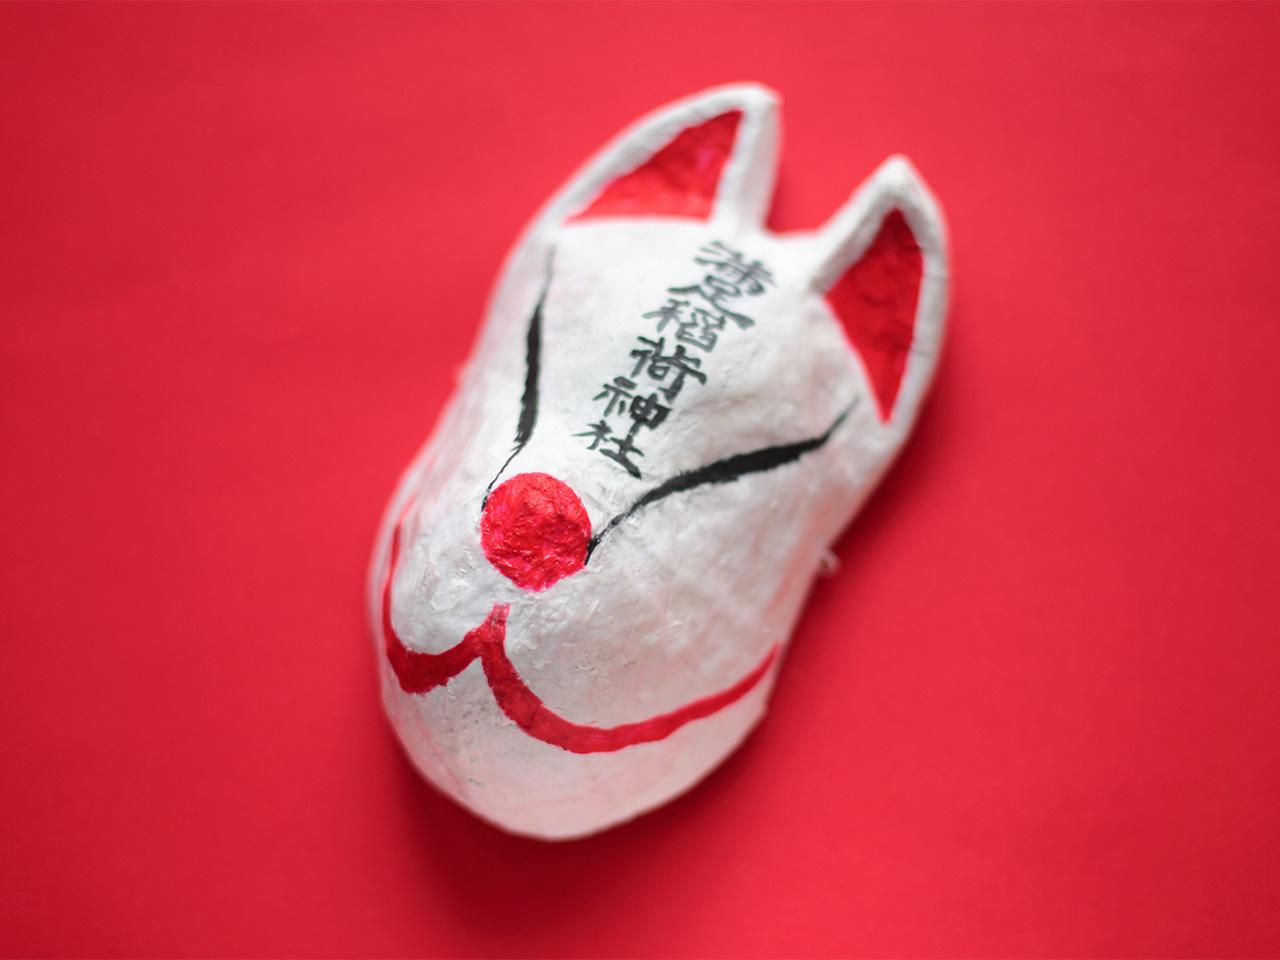 満足稲荷神社 宮司手作り「きつねのお面」